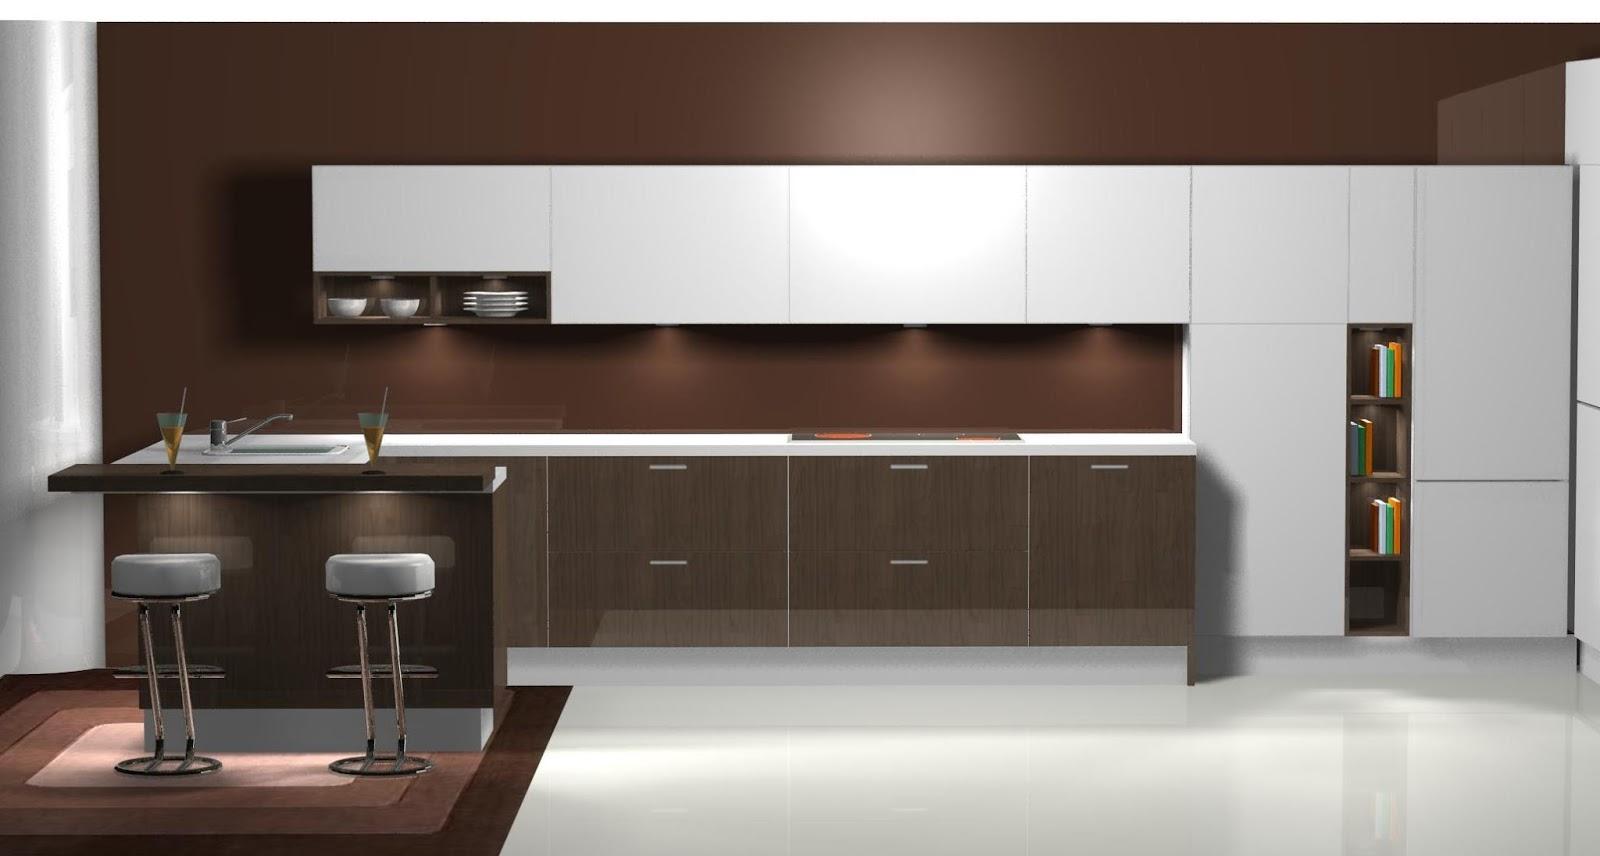 Dise o muebles de cocina dise o de cocina en blanco y wengue - Cocinas de diseno precios ...